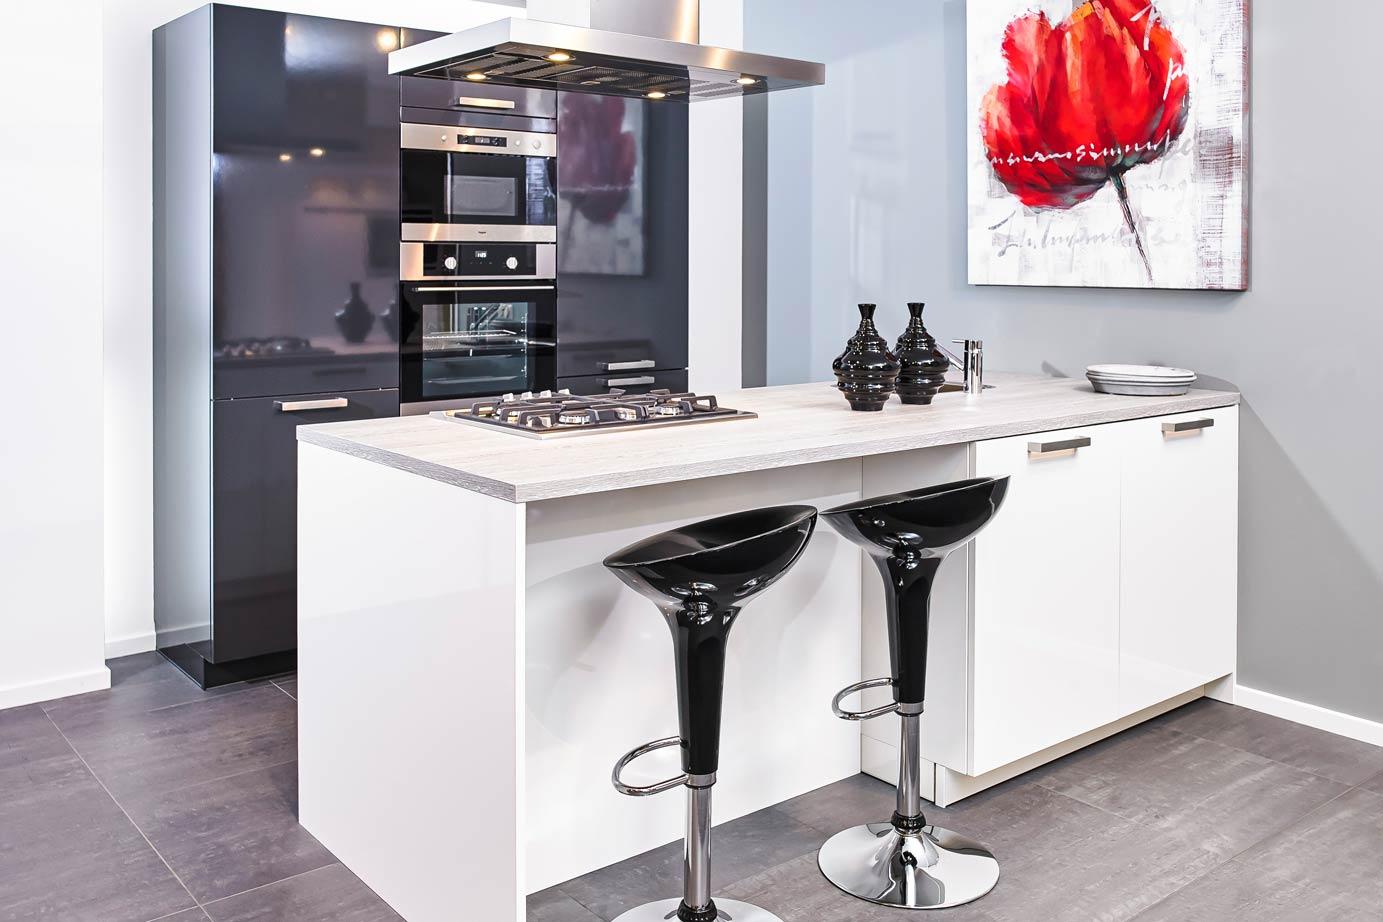 Design Keukens Met Kookeiland : Een keukeneiland of kookeiland? Lees alles over de